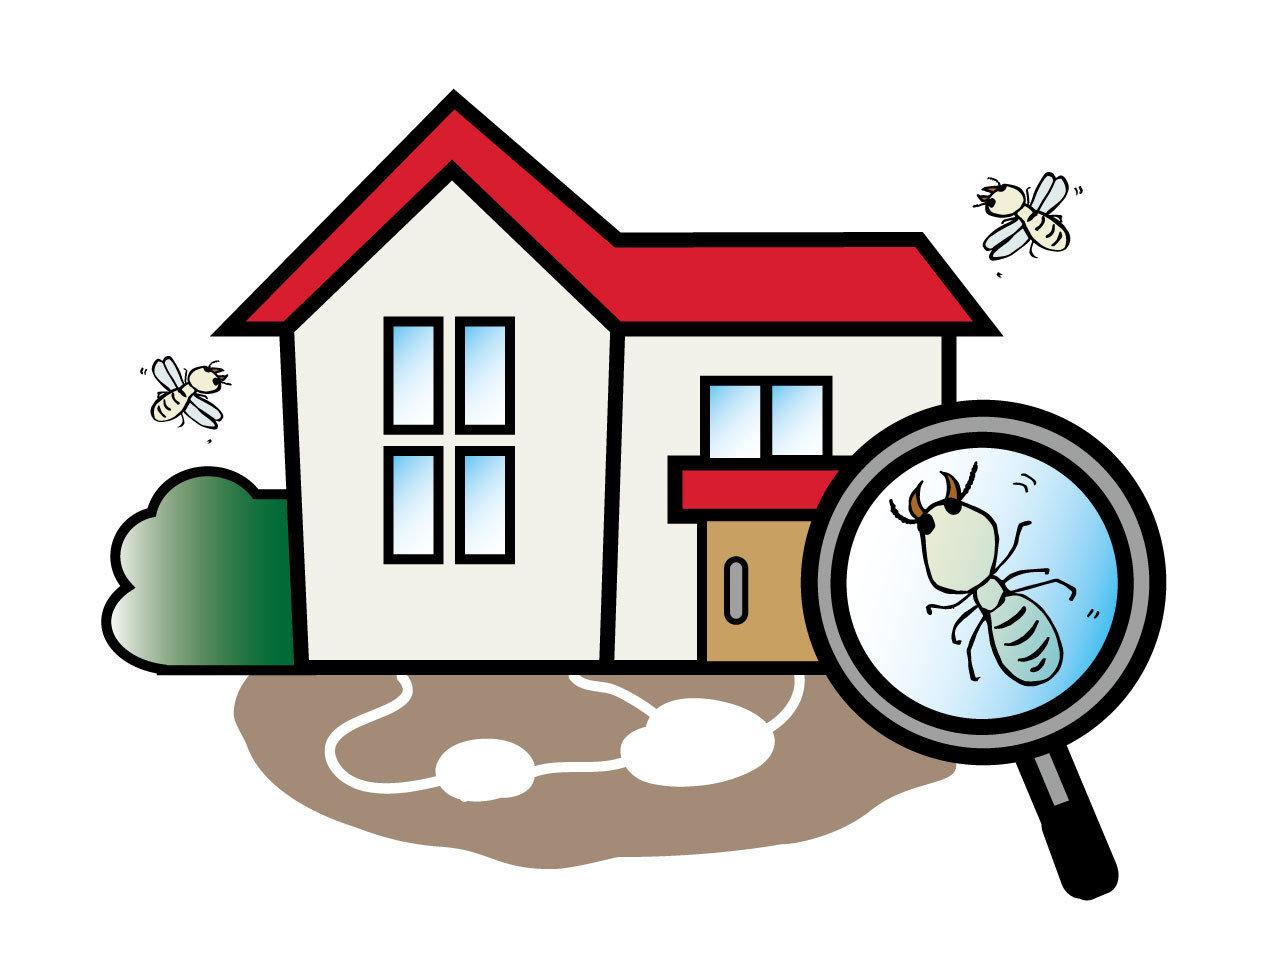 【除白蟻】下雨天出現許多四處飛舞的飛蟻,千萬不可置之不裡,木製家居恐遭破壞殆盡 !